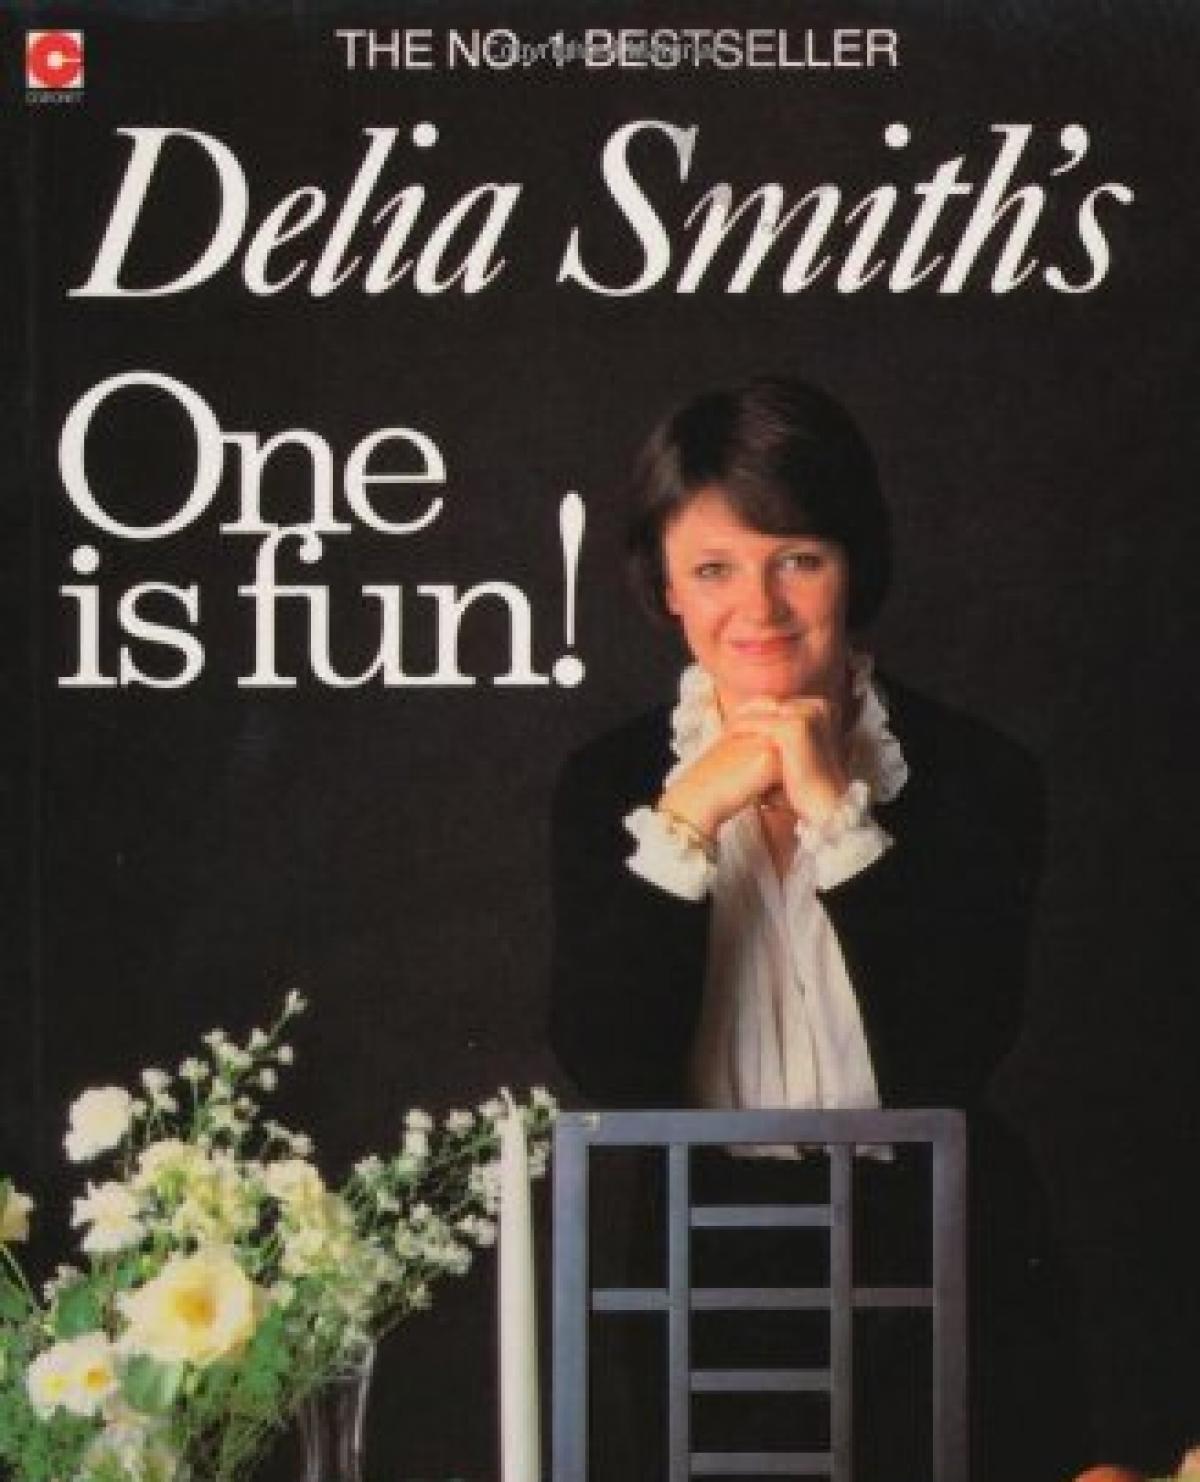 A picture of Delia's Delia's One Is Fun! recipes